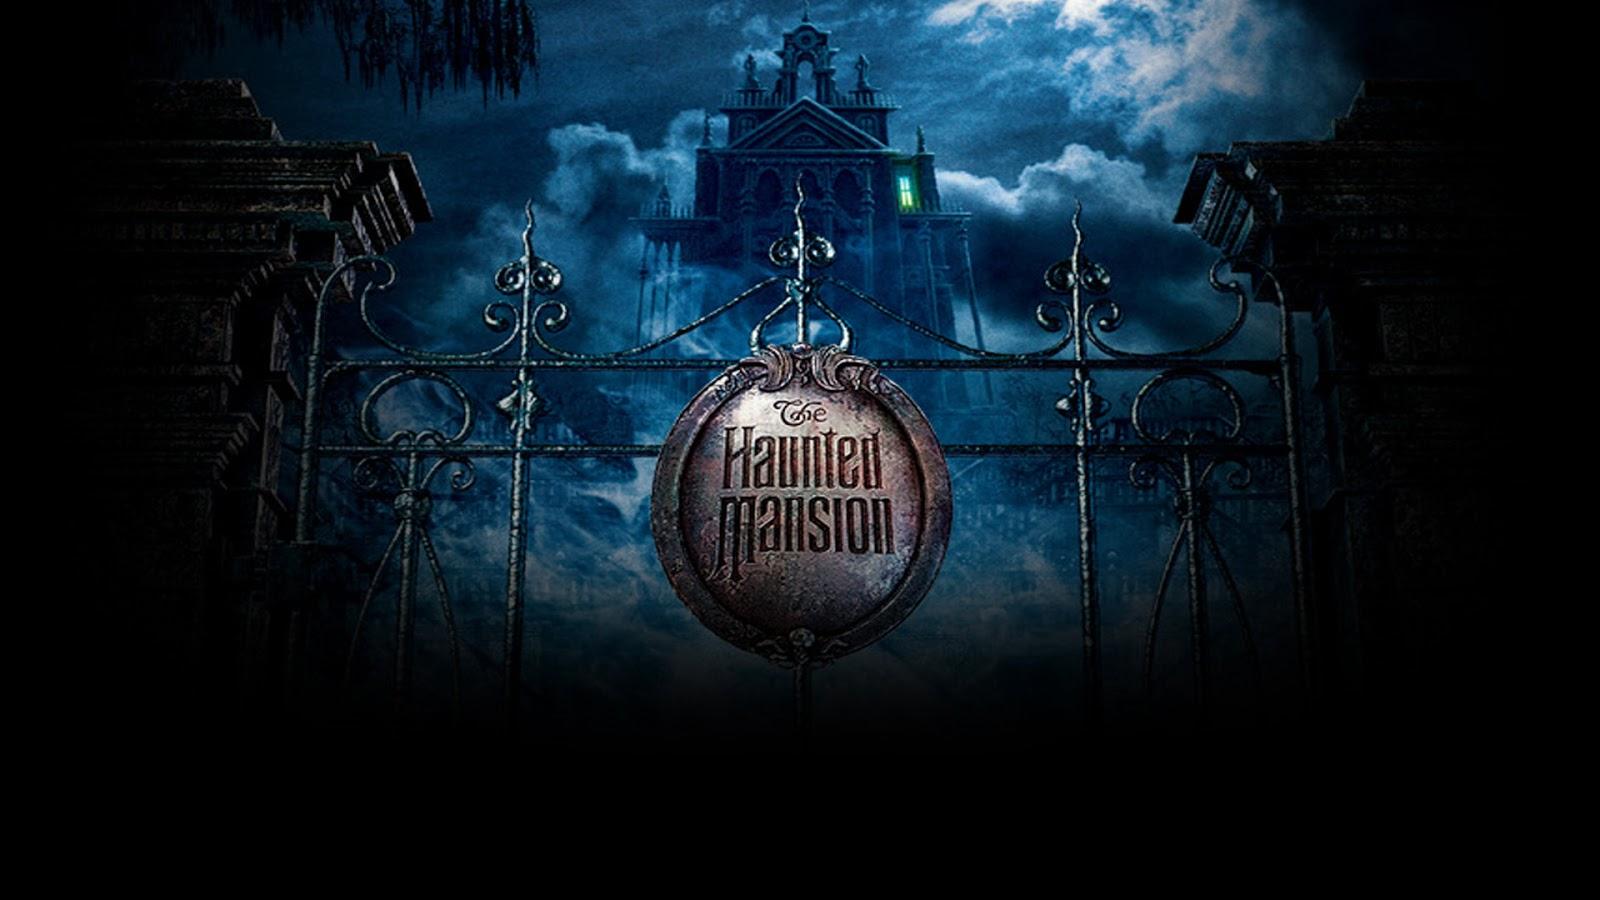 Disney's Haunted Mansion Wallpaper - WallpaperSafari